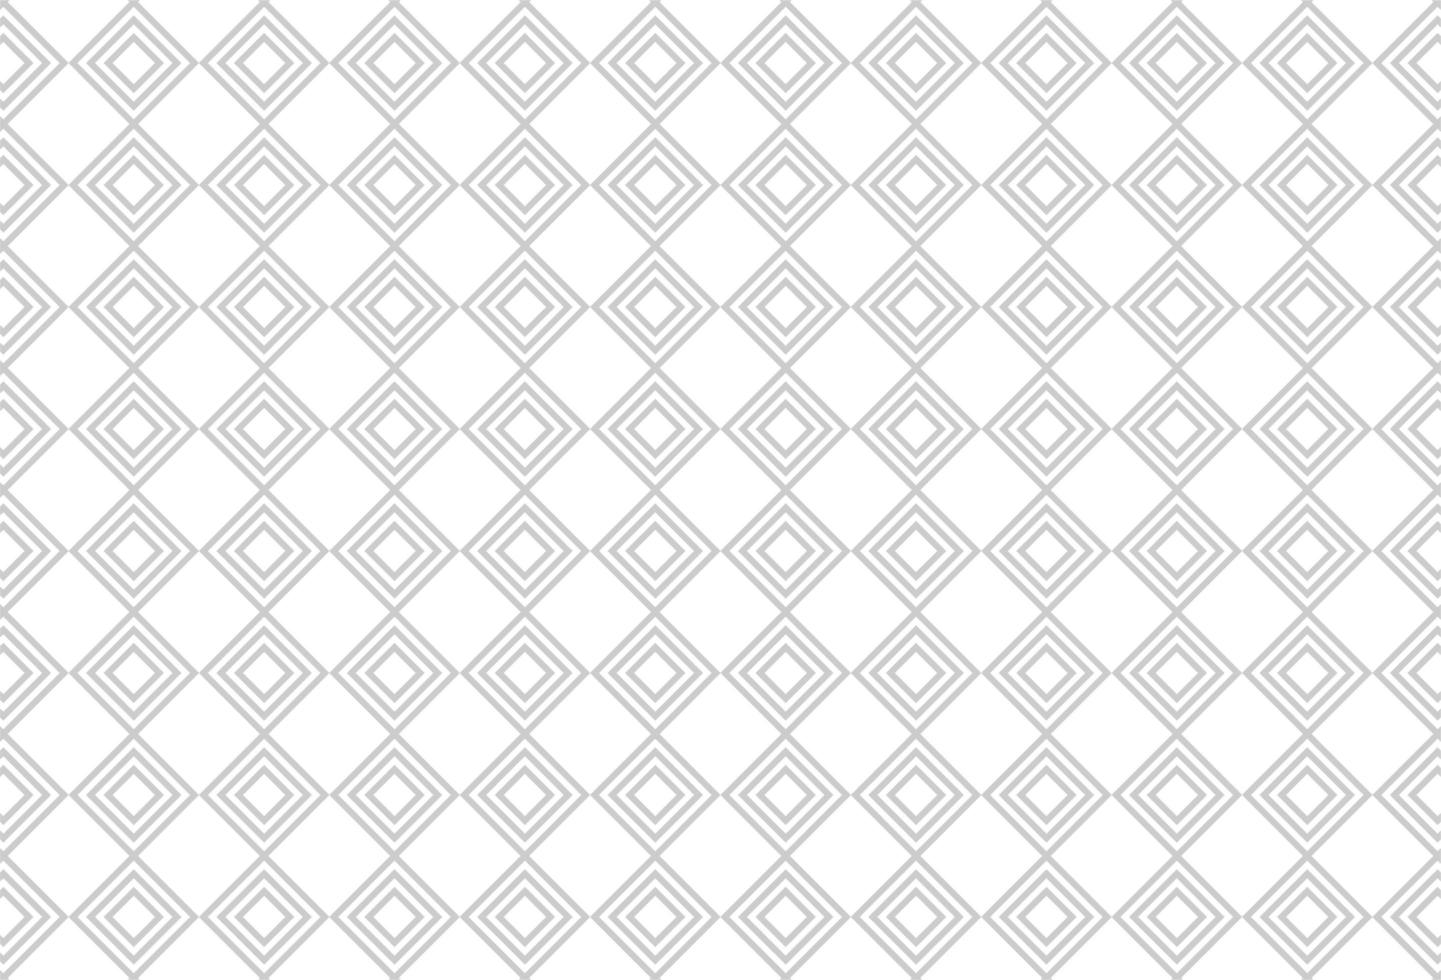 modello geometrico grigio moderno vettore